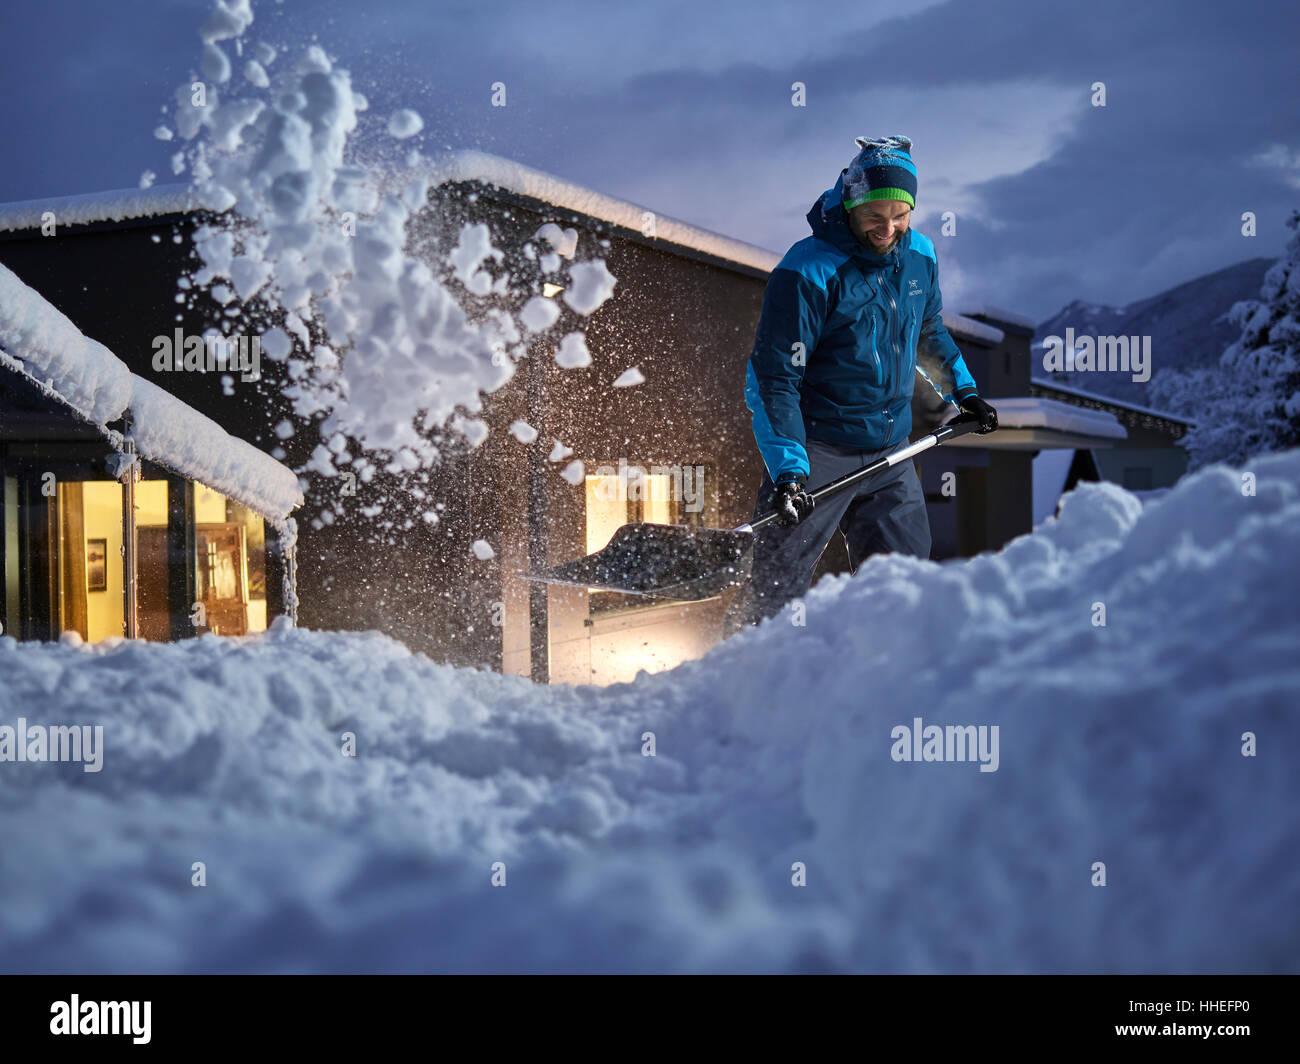 Homme, 35-40 ans, pelleter la neige au crépuscule, Kolsass, Tyrol, Autriche Photo Stock